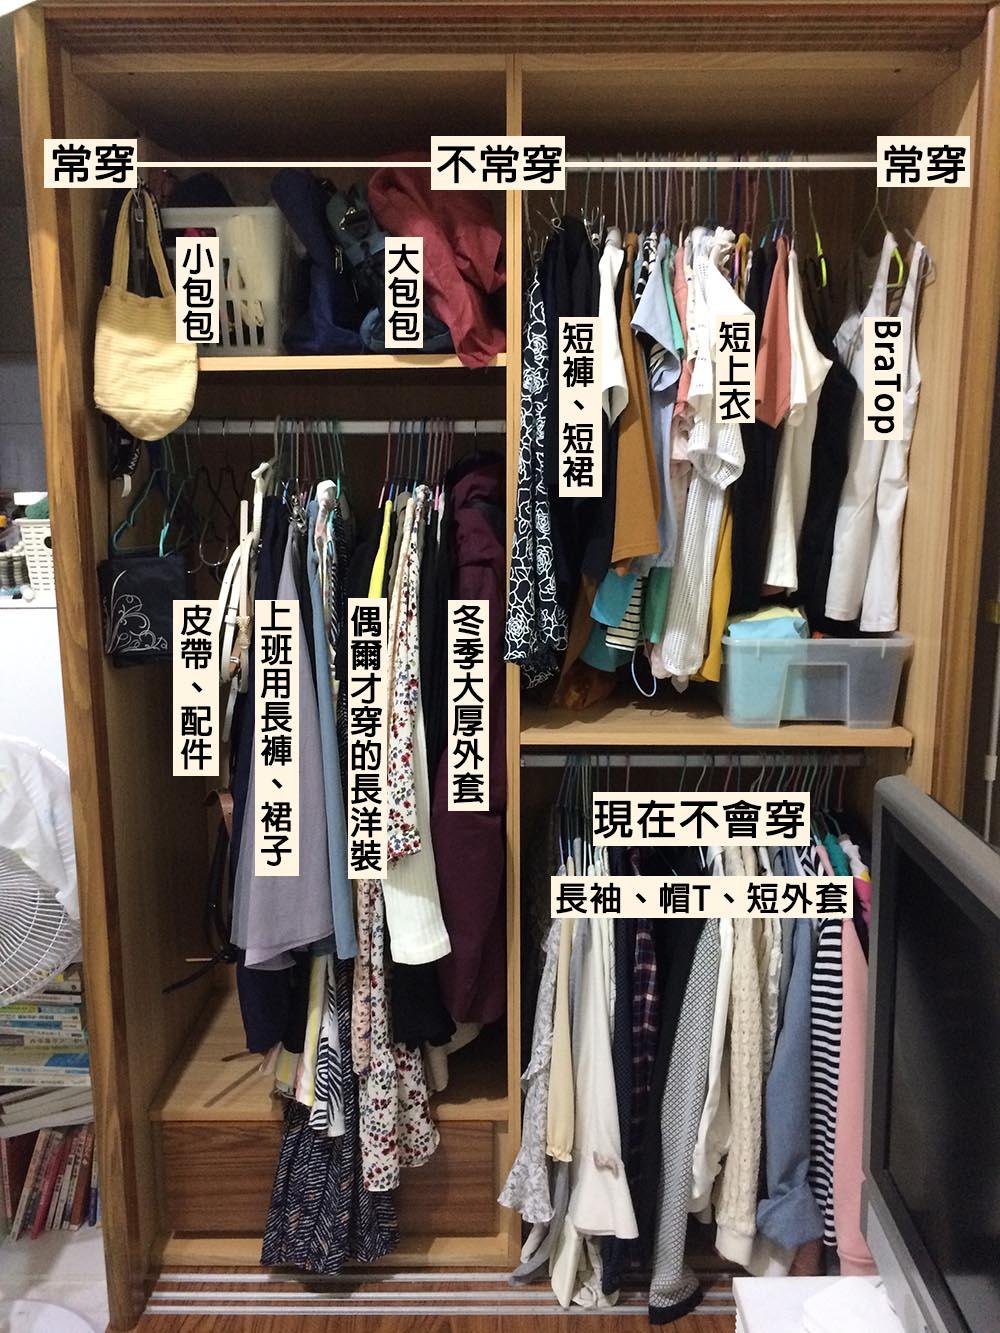 因為衣櫃本身造成的死角,讓中間的衣服不好拿,因此越中間就放越少穿的衣服。委託人對自己的腿沒自信,因此短褲短裙即便是當季衣物,也往中間排。